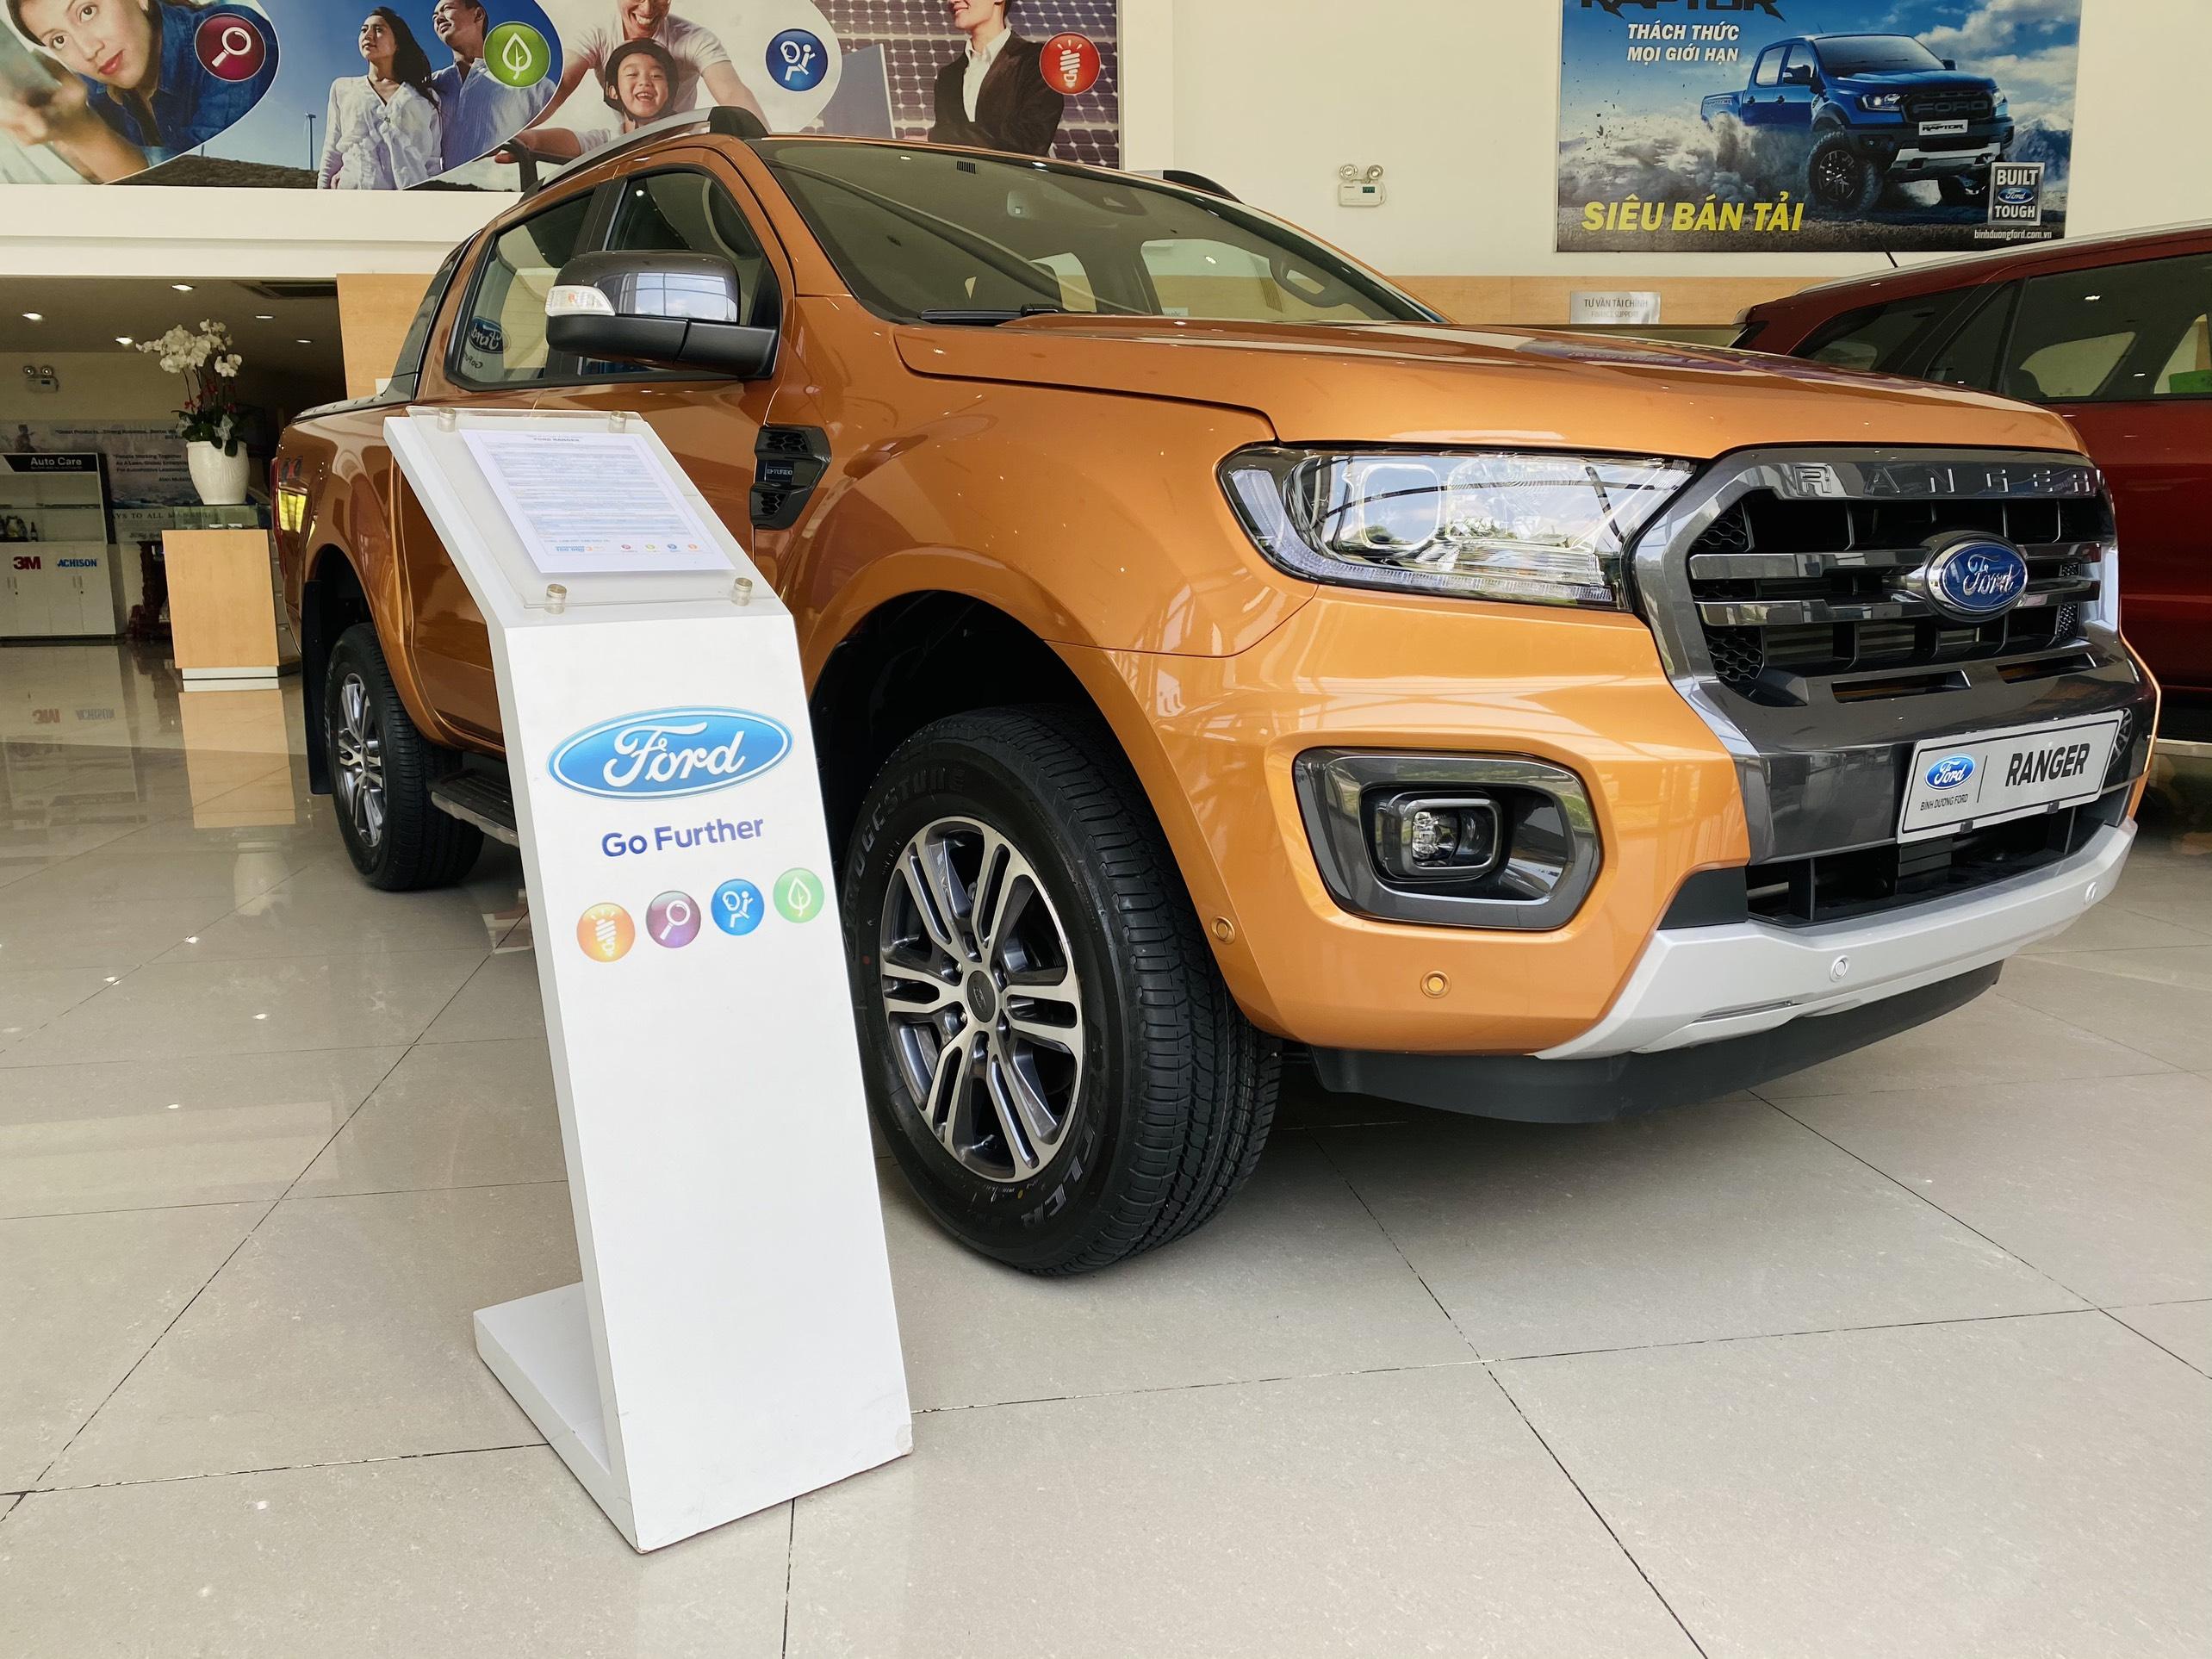 Ford Ranger lắp ráp tại Việt Nam chất lượng có bằng xe nhập khẩu